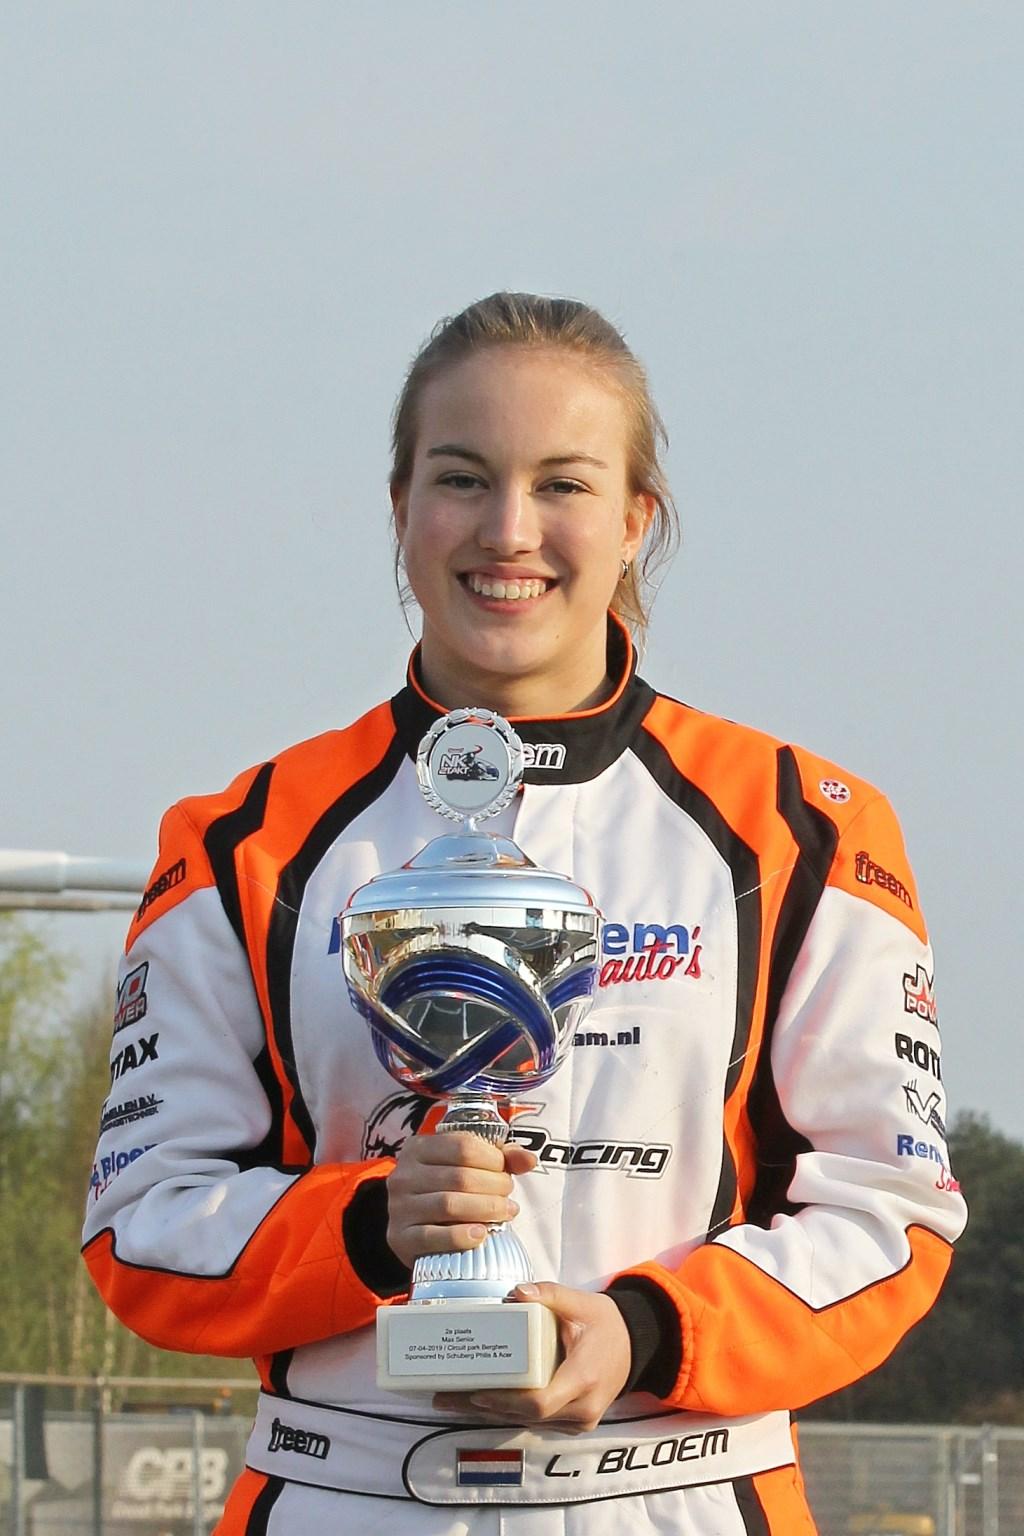 De Didamse coureur Luna Bloem als nummer twee op het podium. Foto: Gijs Kaligis/RaceXpress.nl   © Achterhoek Nieuws b.v.